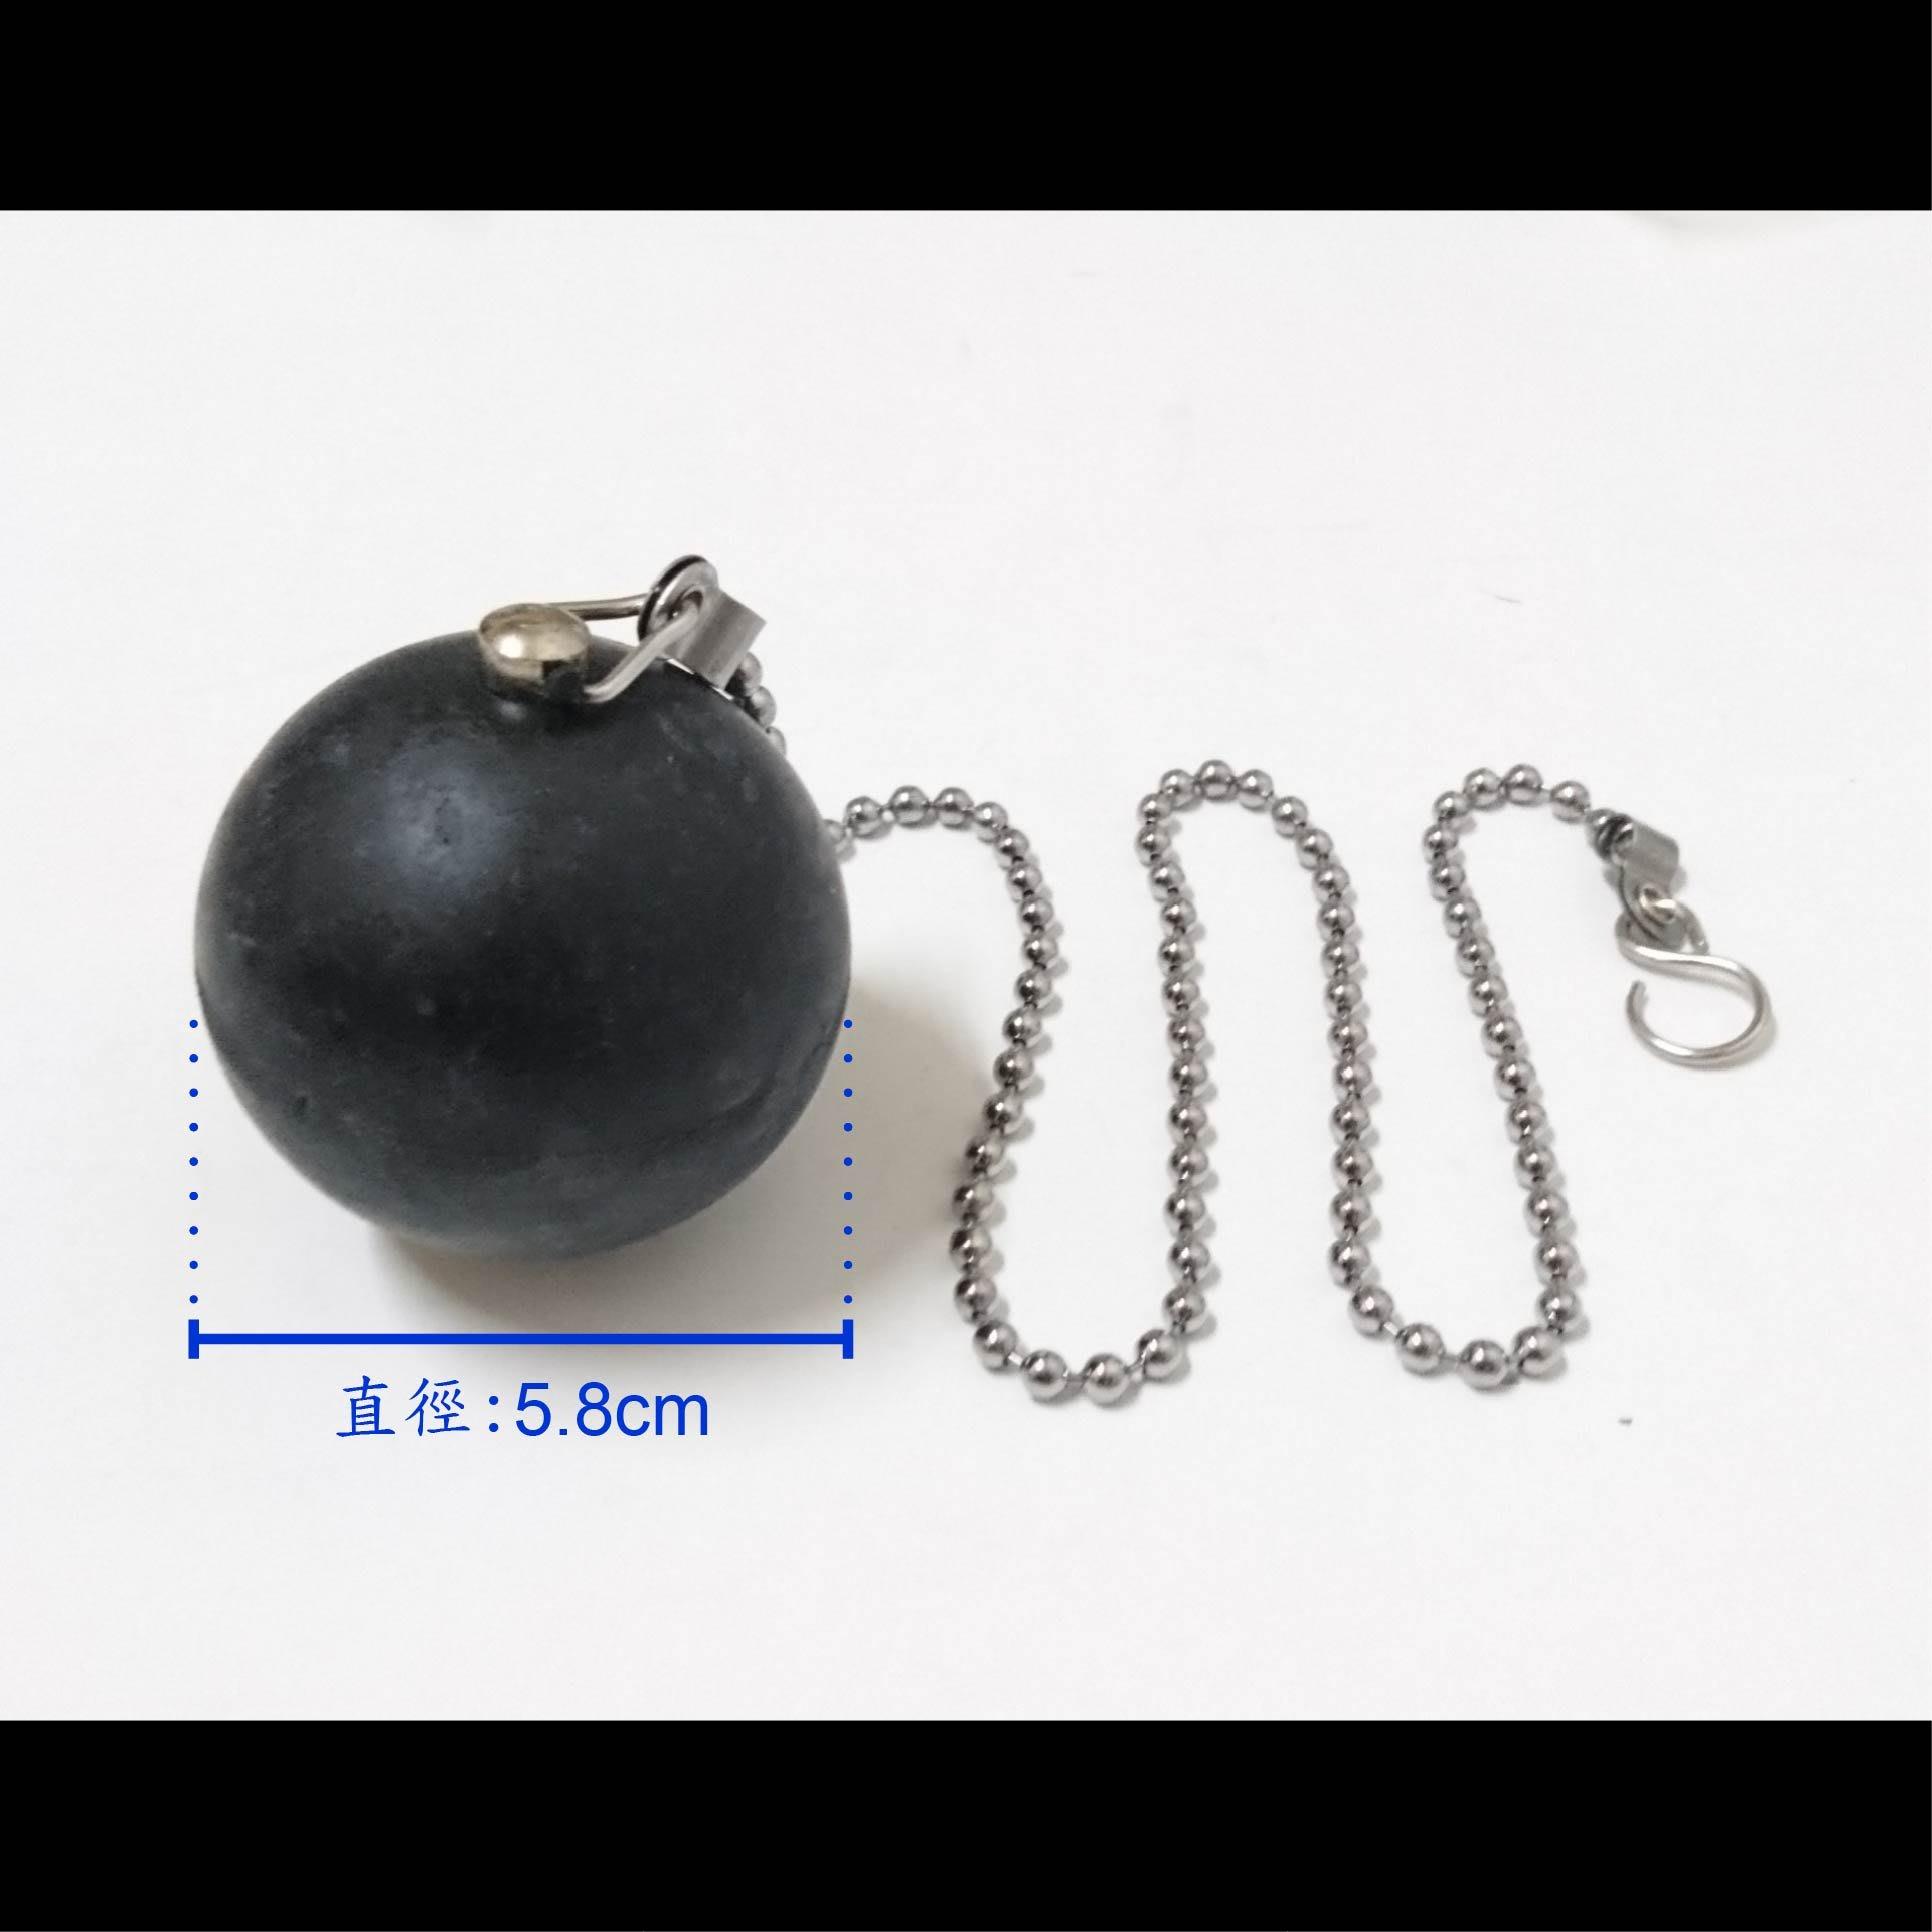 """【台製】2-1/2""""球型水塞附鍊 球形 水塞 橡膠 水塞 黑球 球塞 排水 浴室 浴缸 2-1/2"""" 兩寸半 兩吋半"""